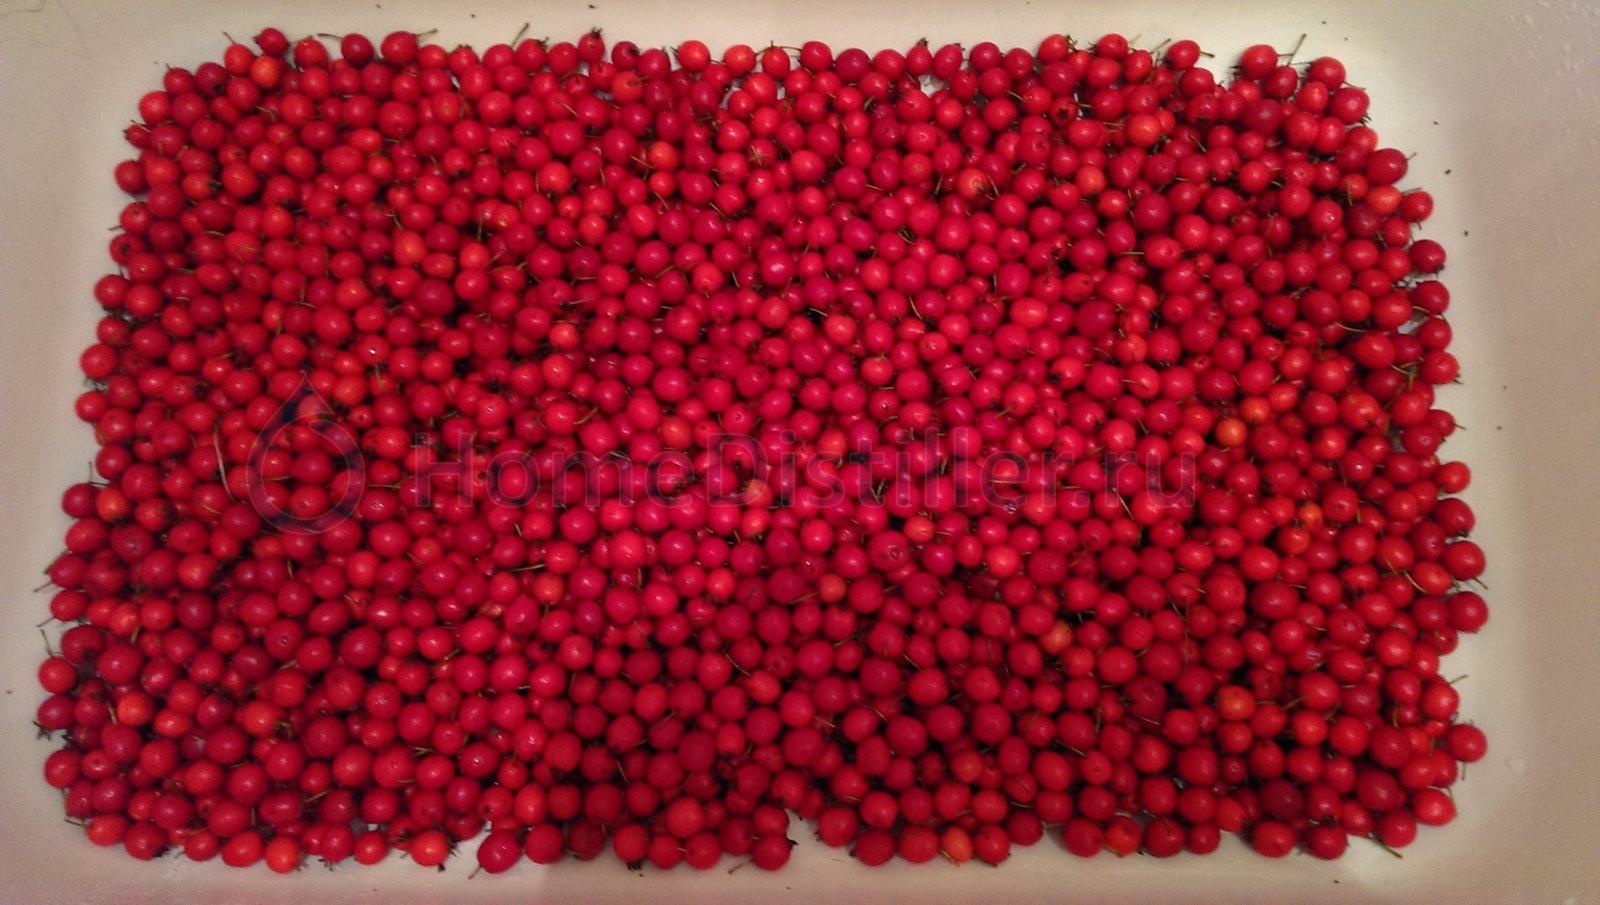 Вымытые плоды боярышника.